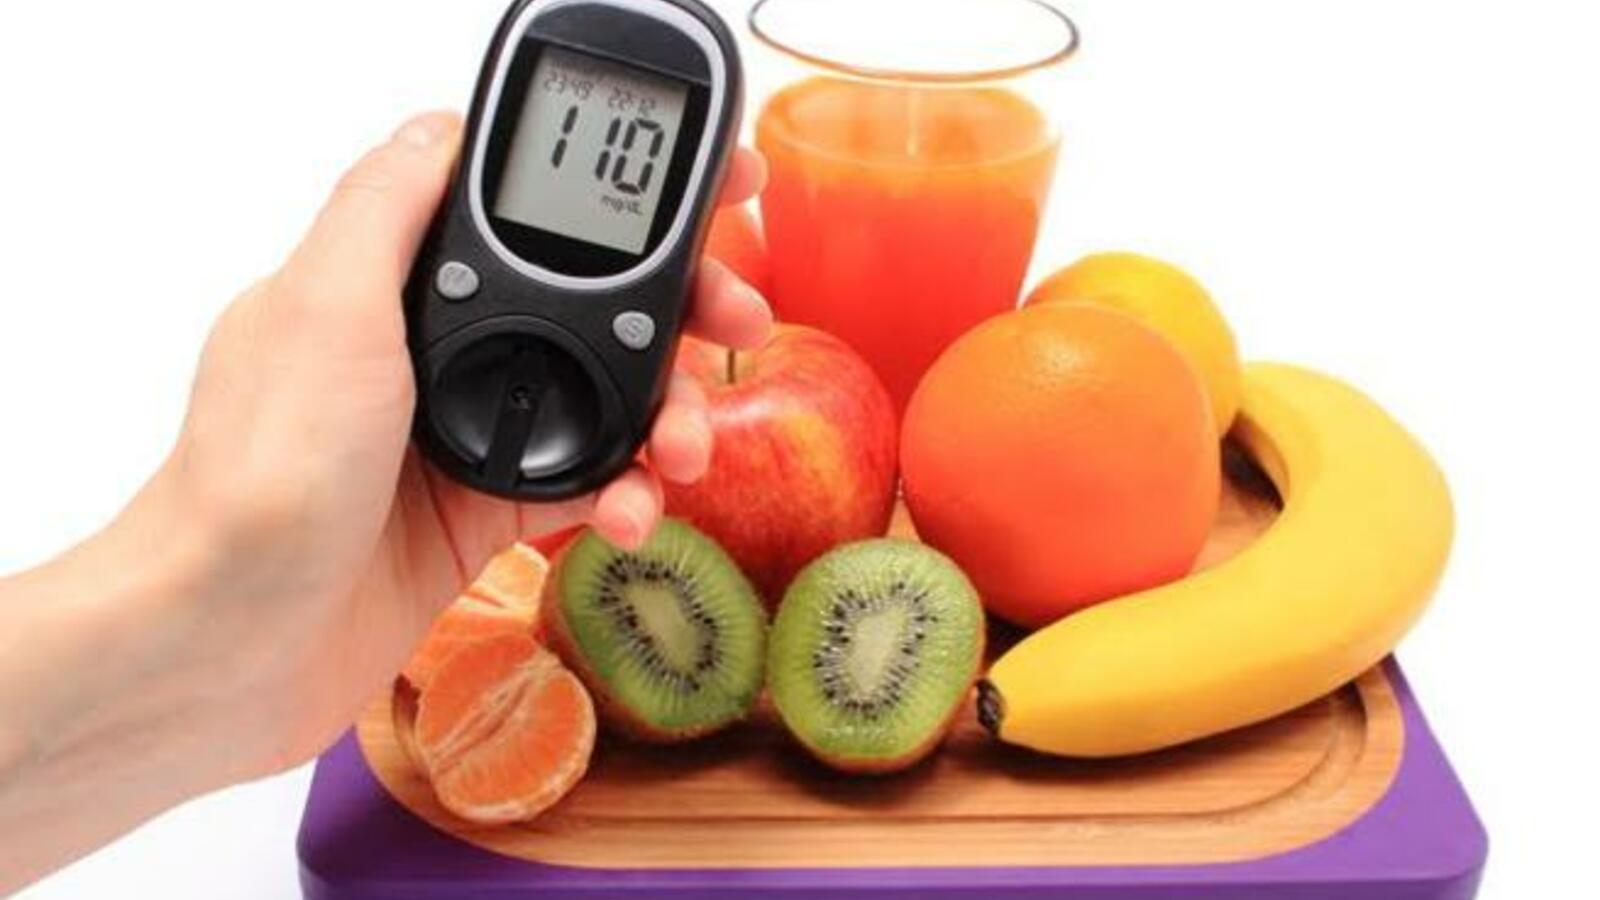 ما هي الاطعمه التي تناسب مرضى السكر